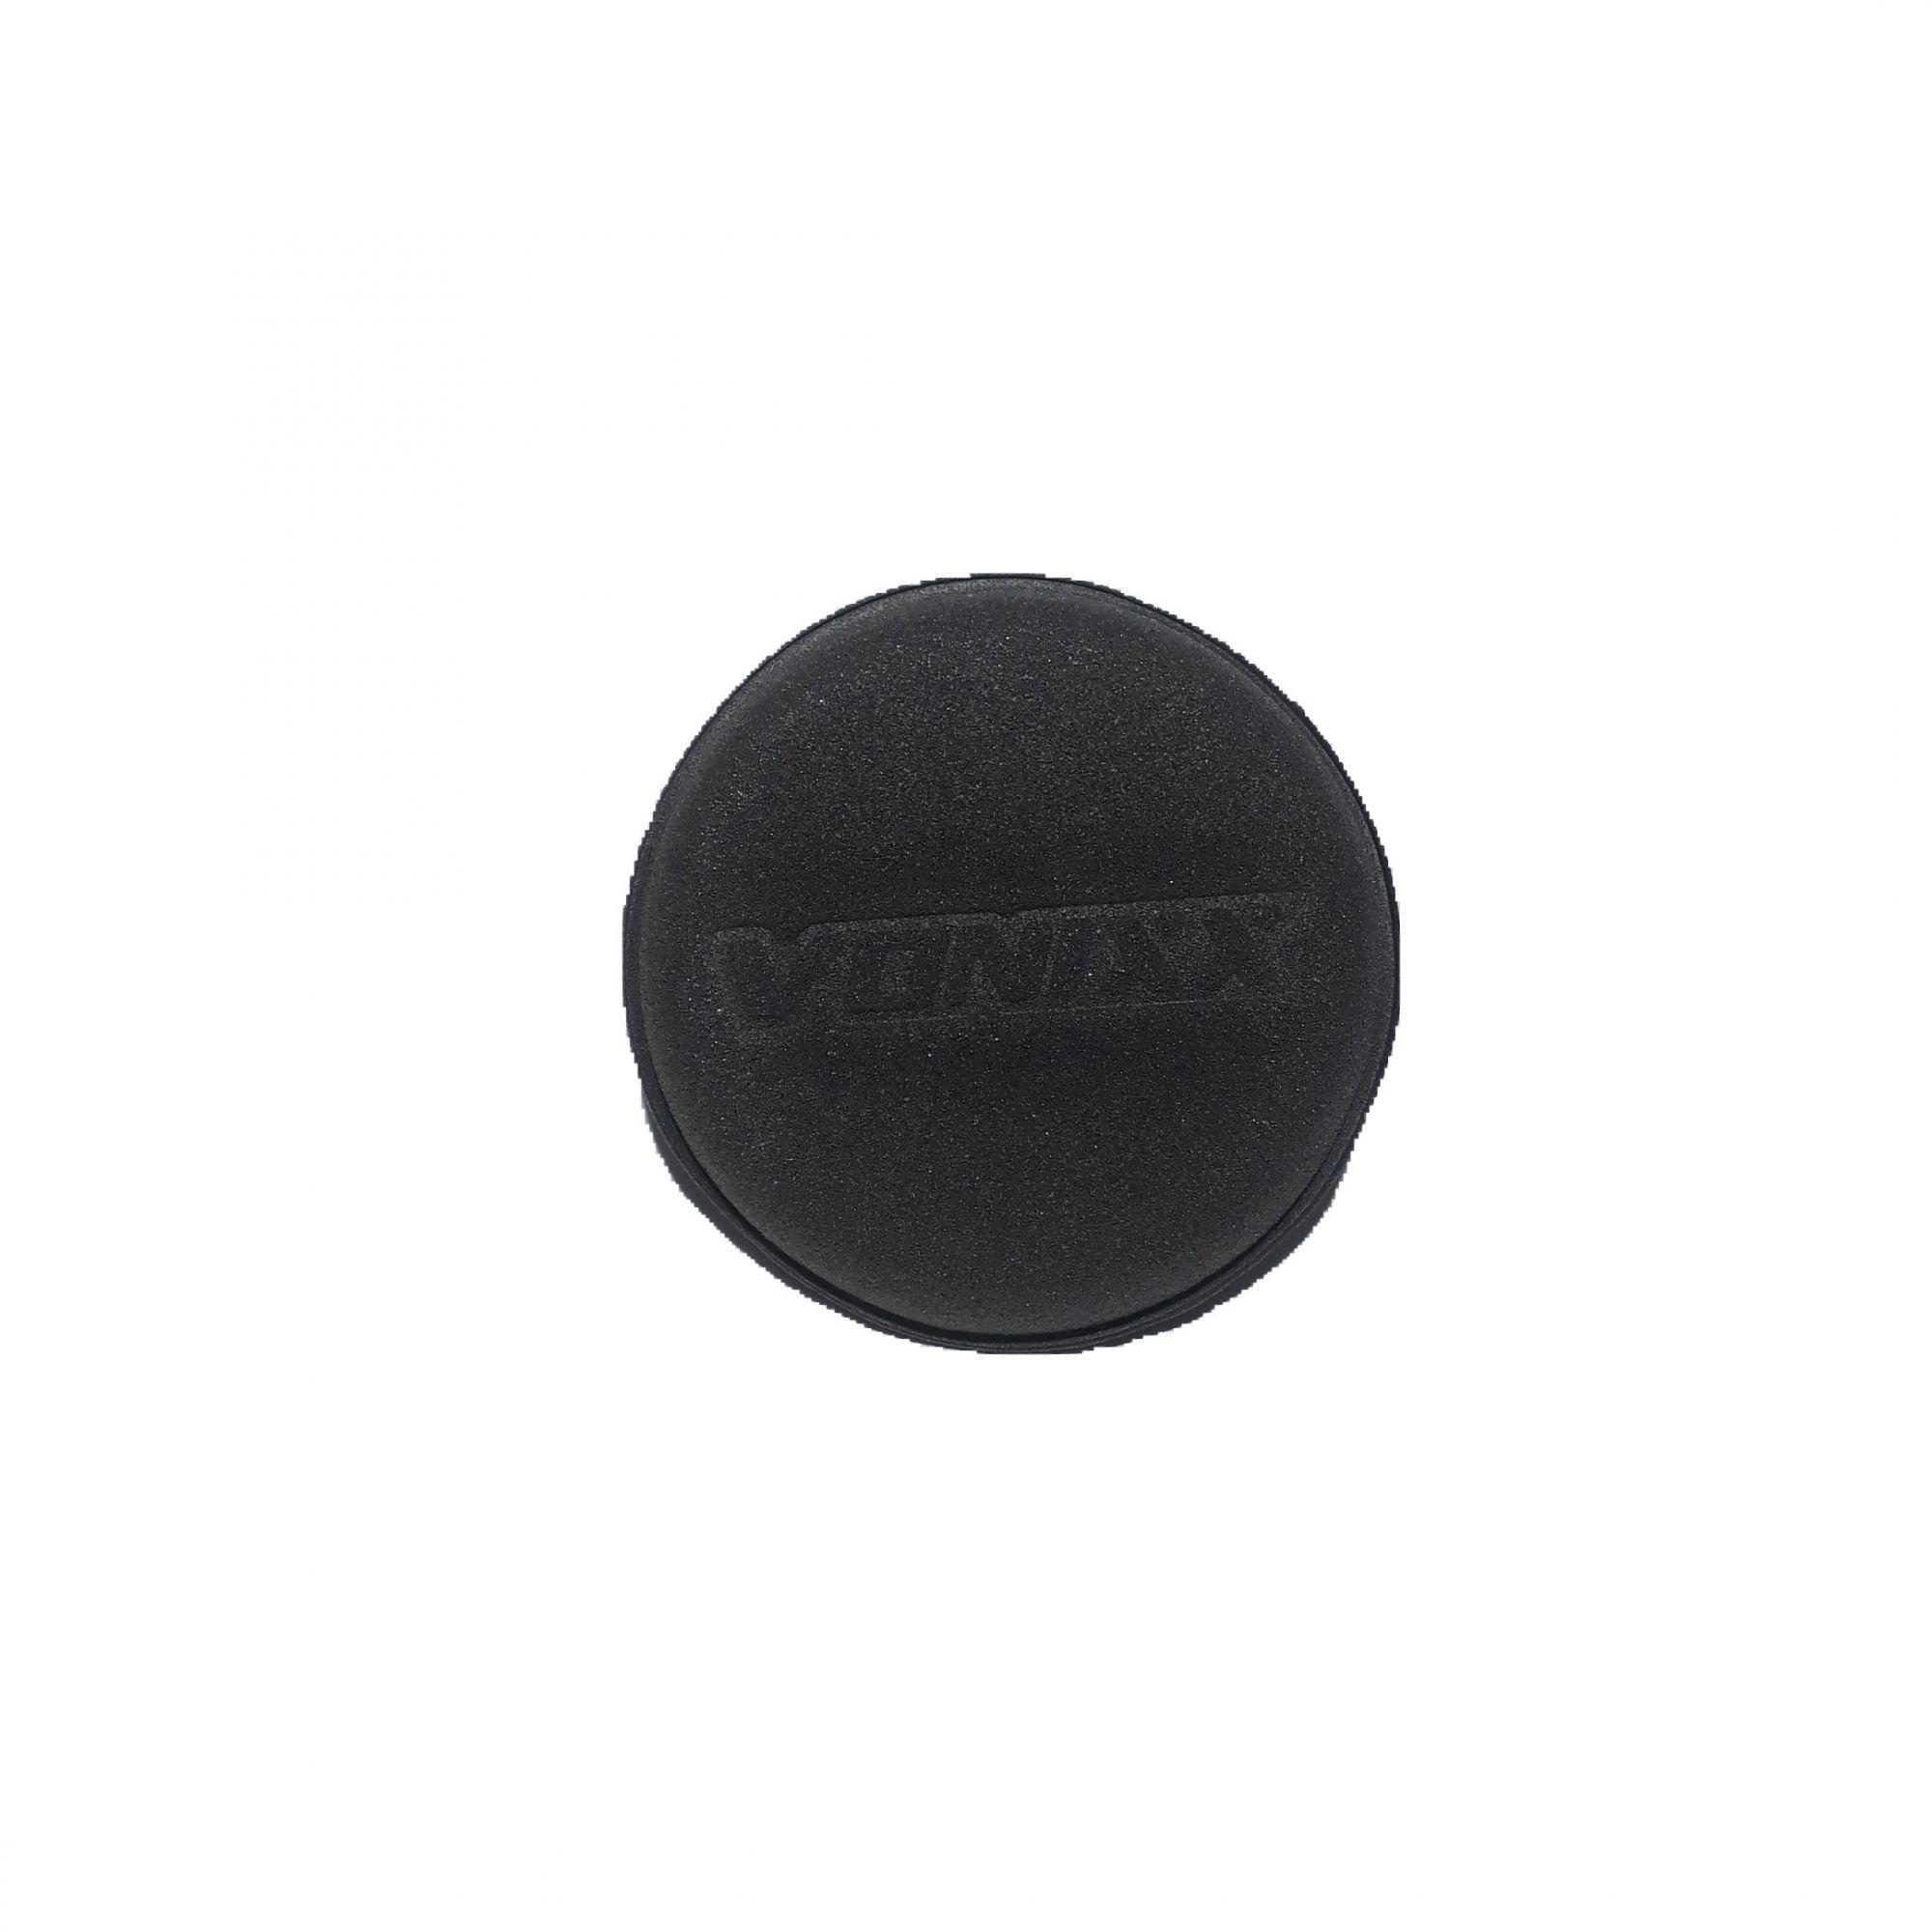 Aplicador de espuma Vonixx pratico bom leve melhor original